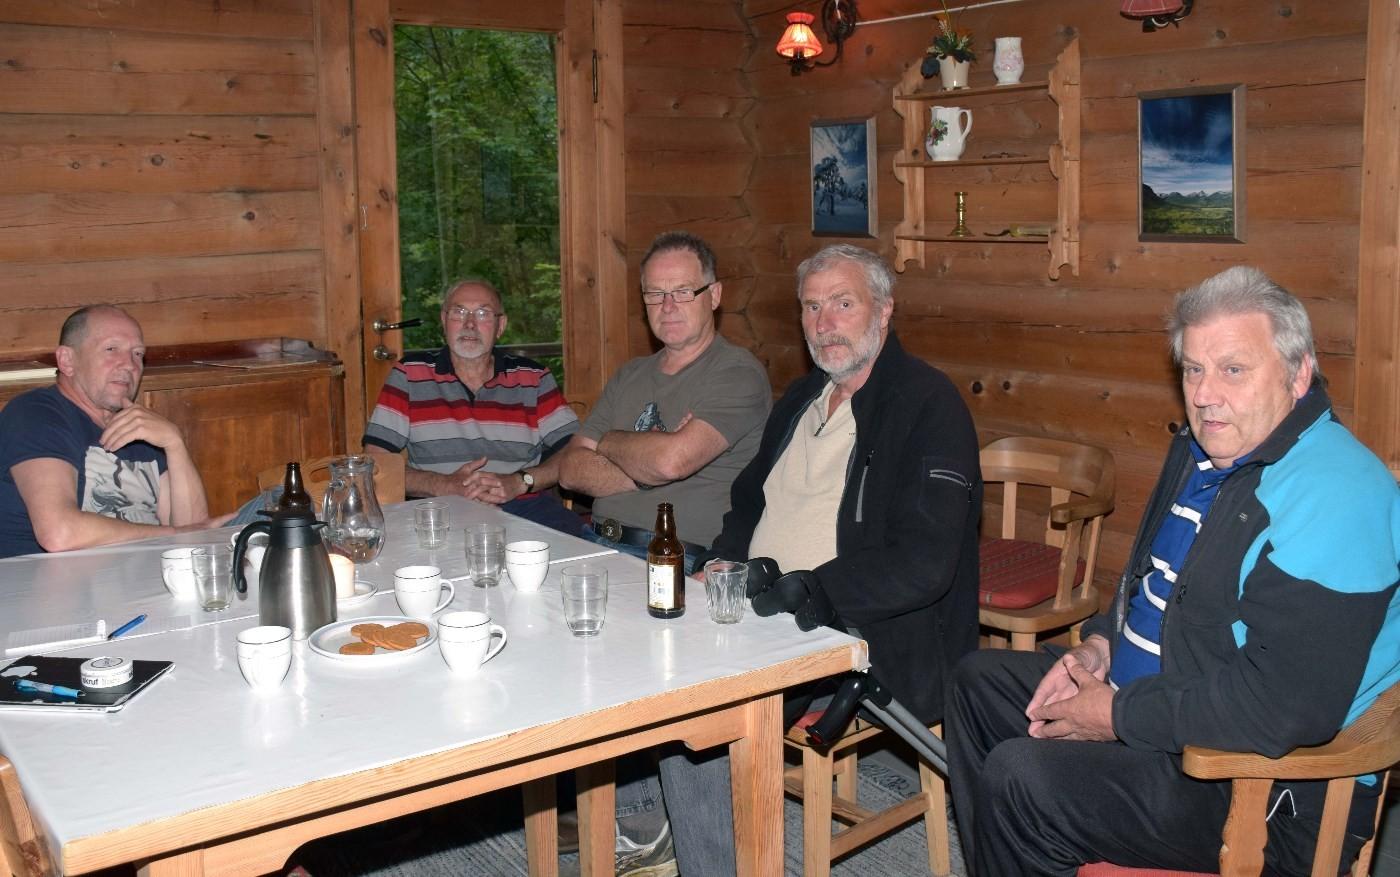 Mimrekveld om Markagapen stadion - frå venstre odd Arild Sande, Trygve Halle, Jon Bruset, Nils Øyen og Leif Egil Tørset.  Foto: jon Olav Ørsal